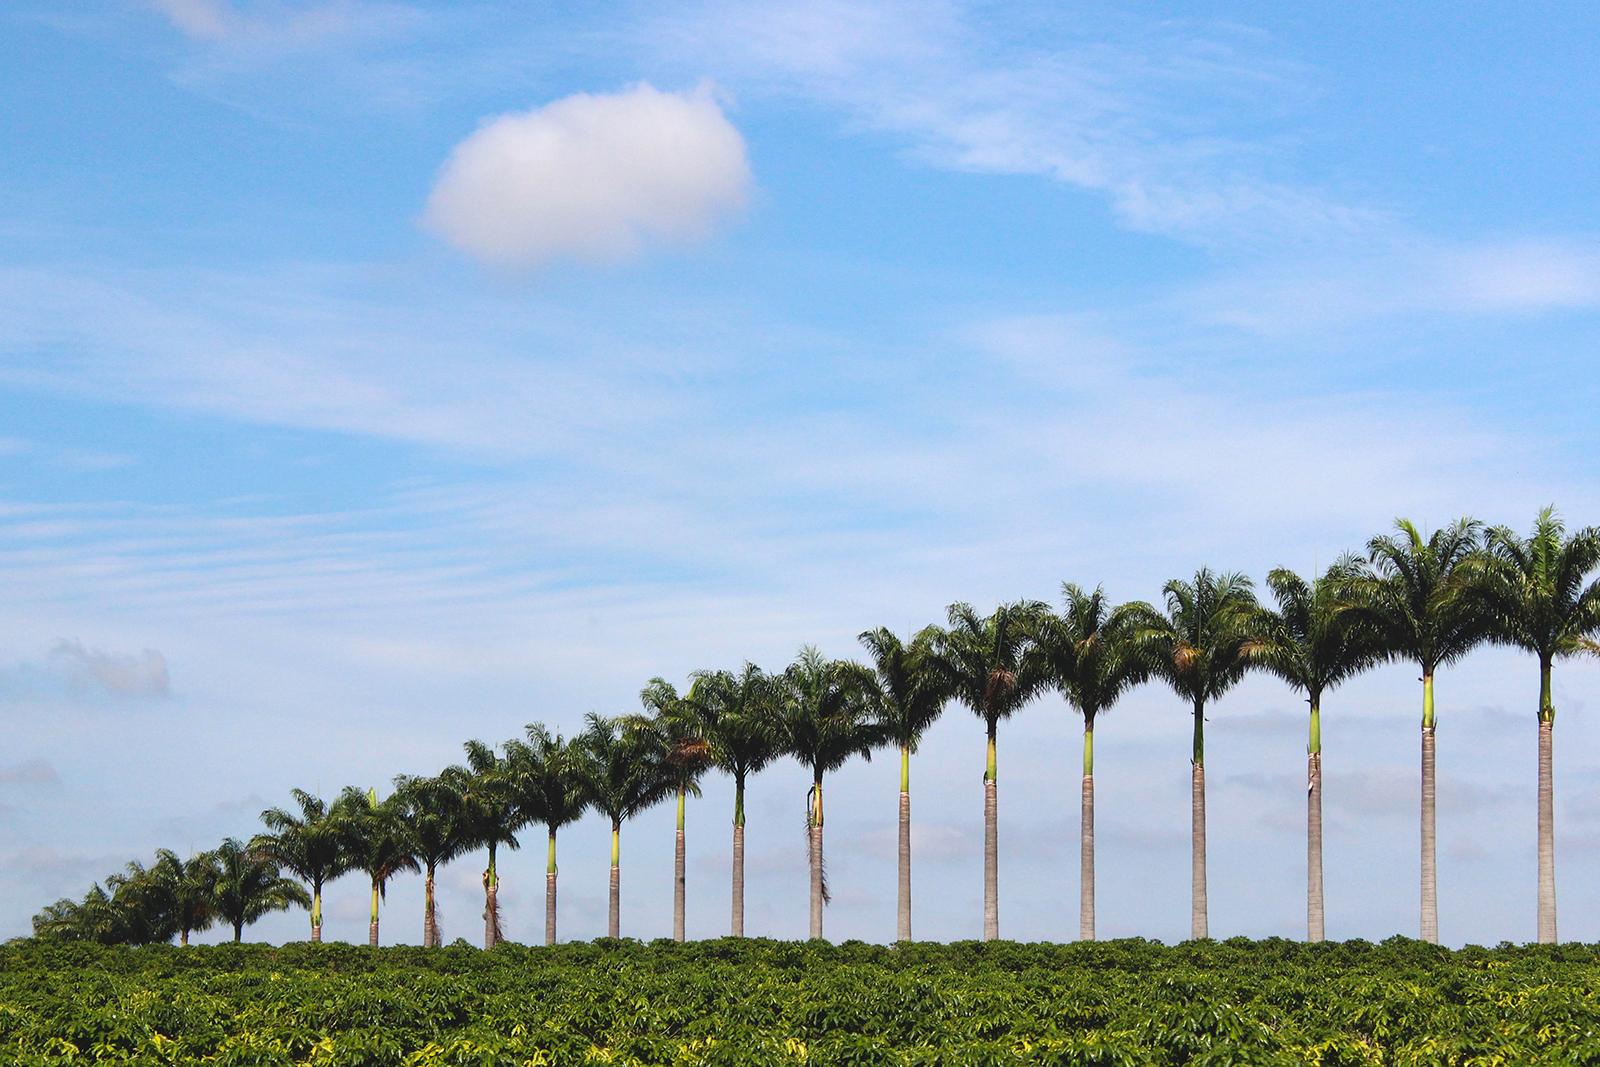 palmeiras enfileiradas céu azul